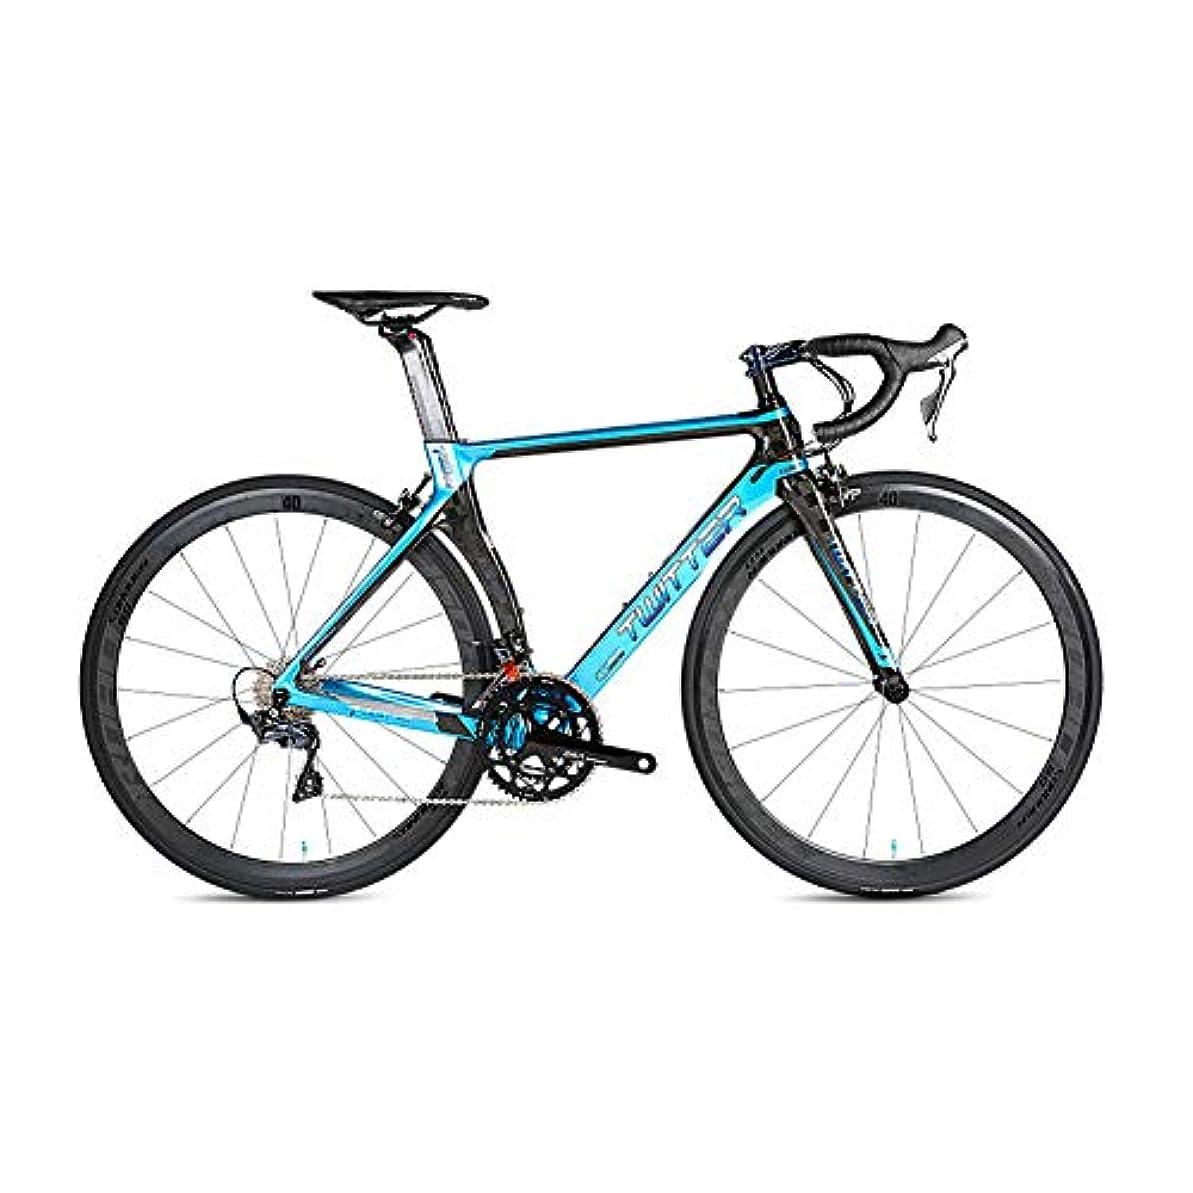 マーガレットミッチェル過言スラッシュプロフェッショナル18Kカーボンロードレースバイク自転車、700CホイールシマノUT / R8000-22スピードディレイラーシステム、48センチメートルケトルラック付き